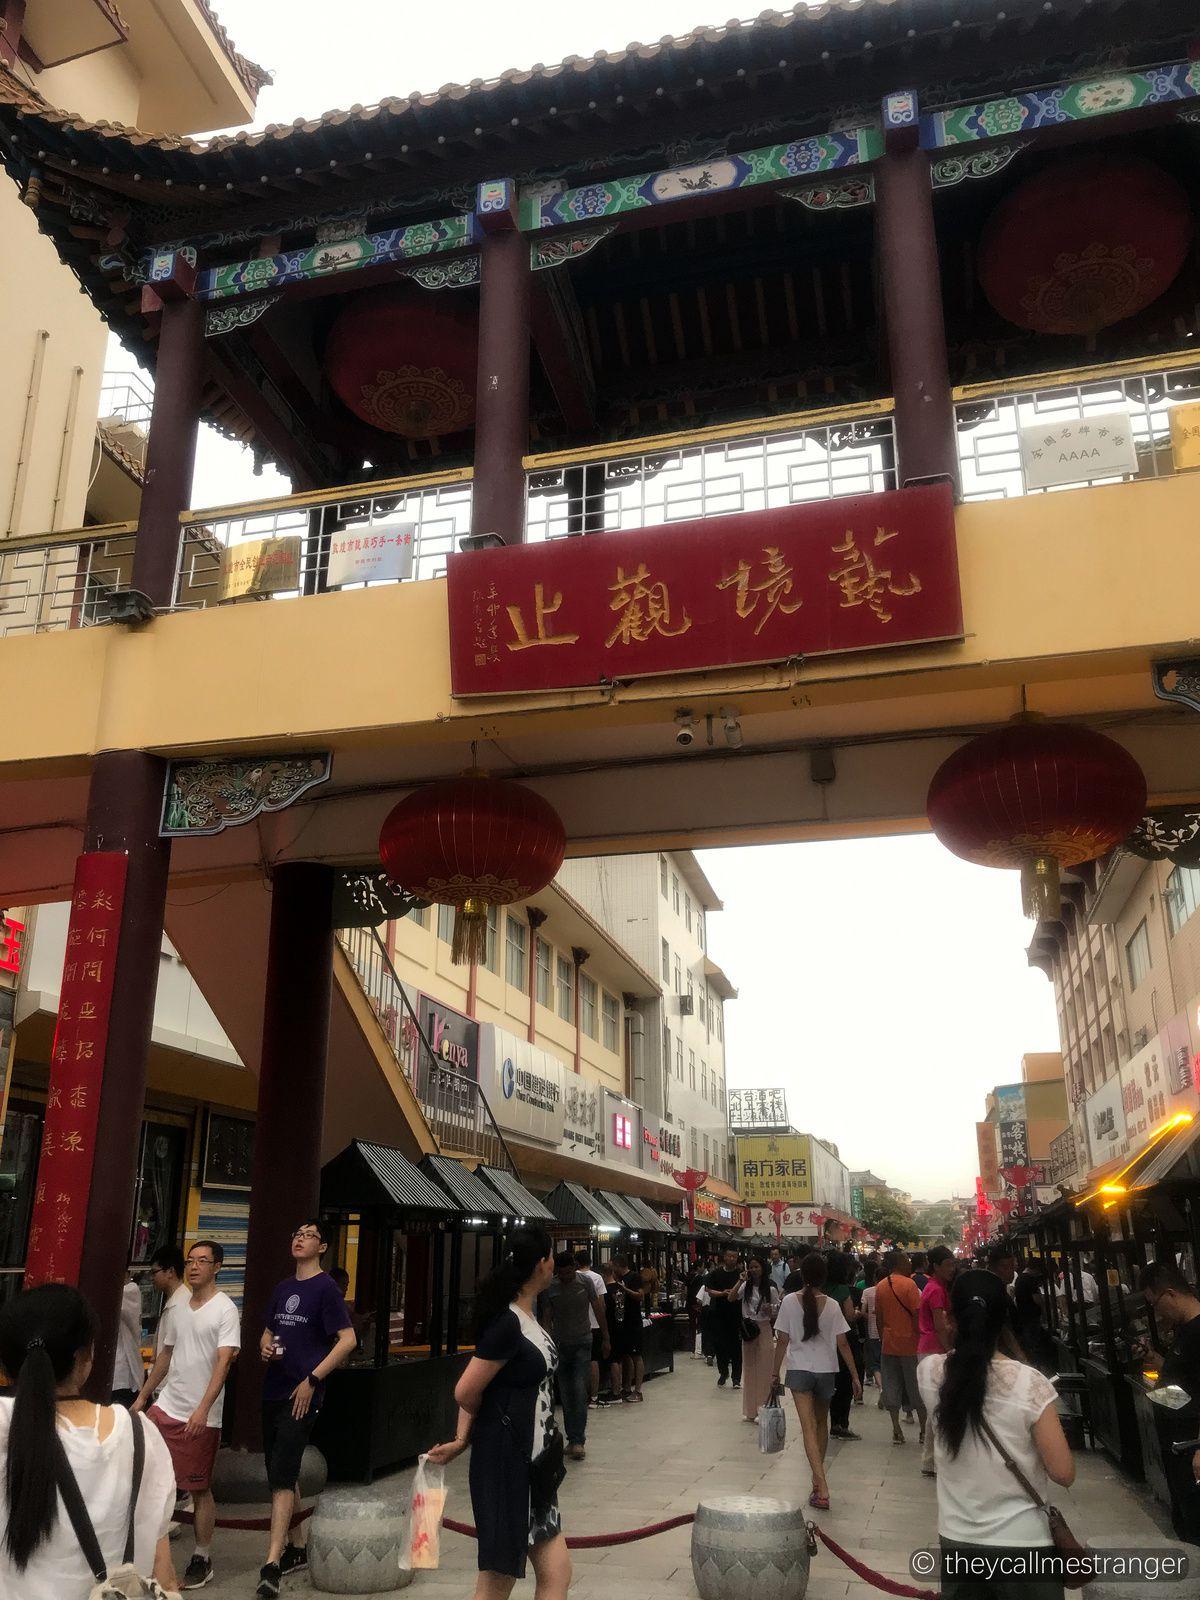 Fin de voyage à Dunhuang et traversée du Gansu en train couchettes